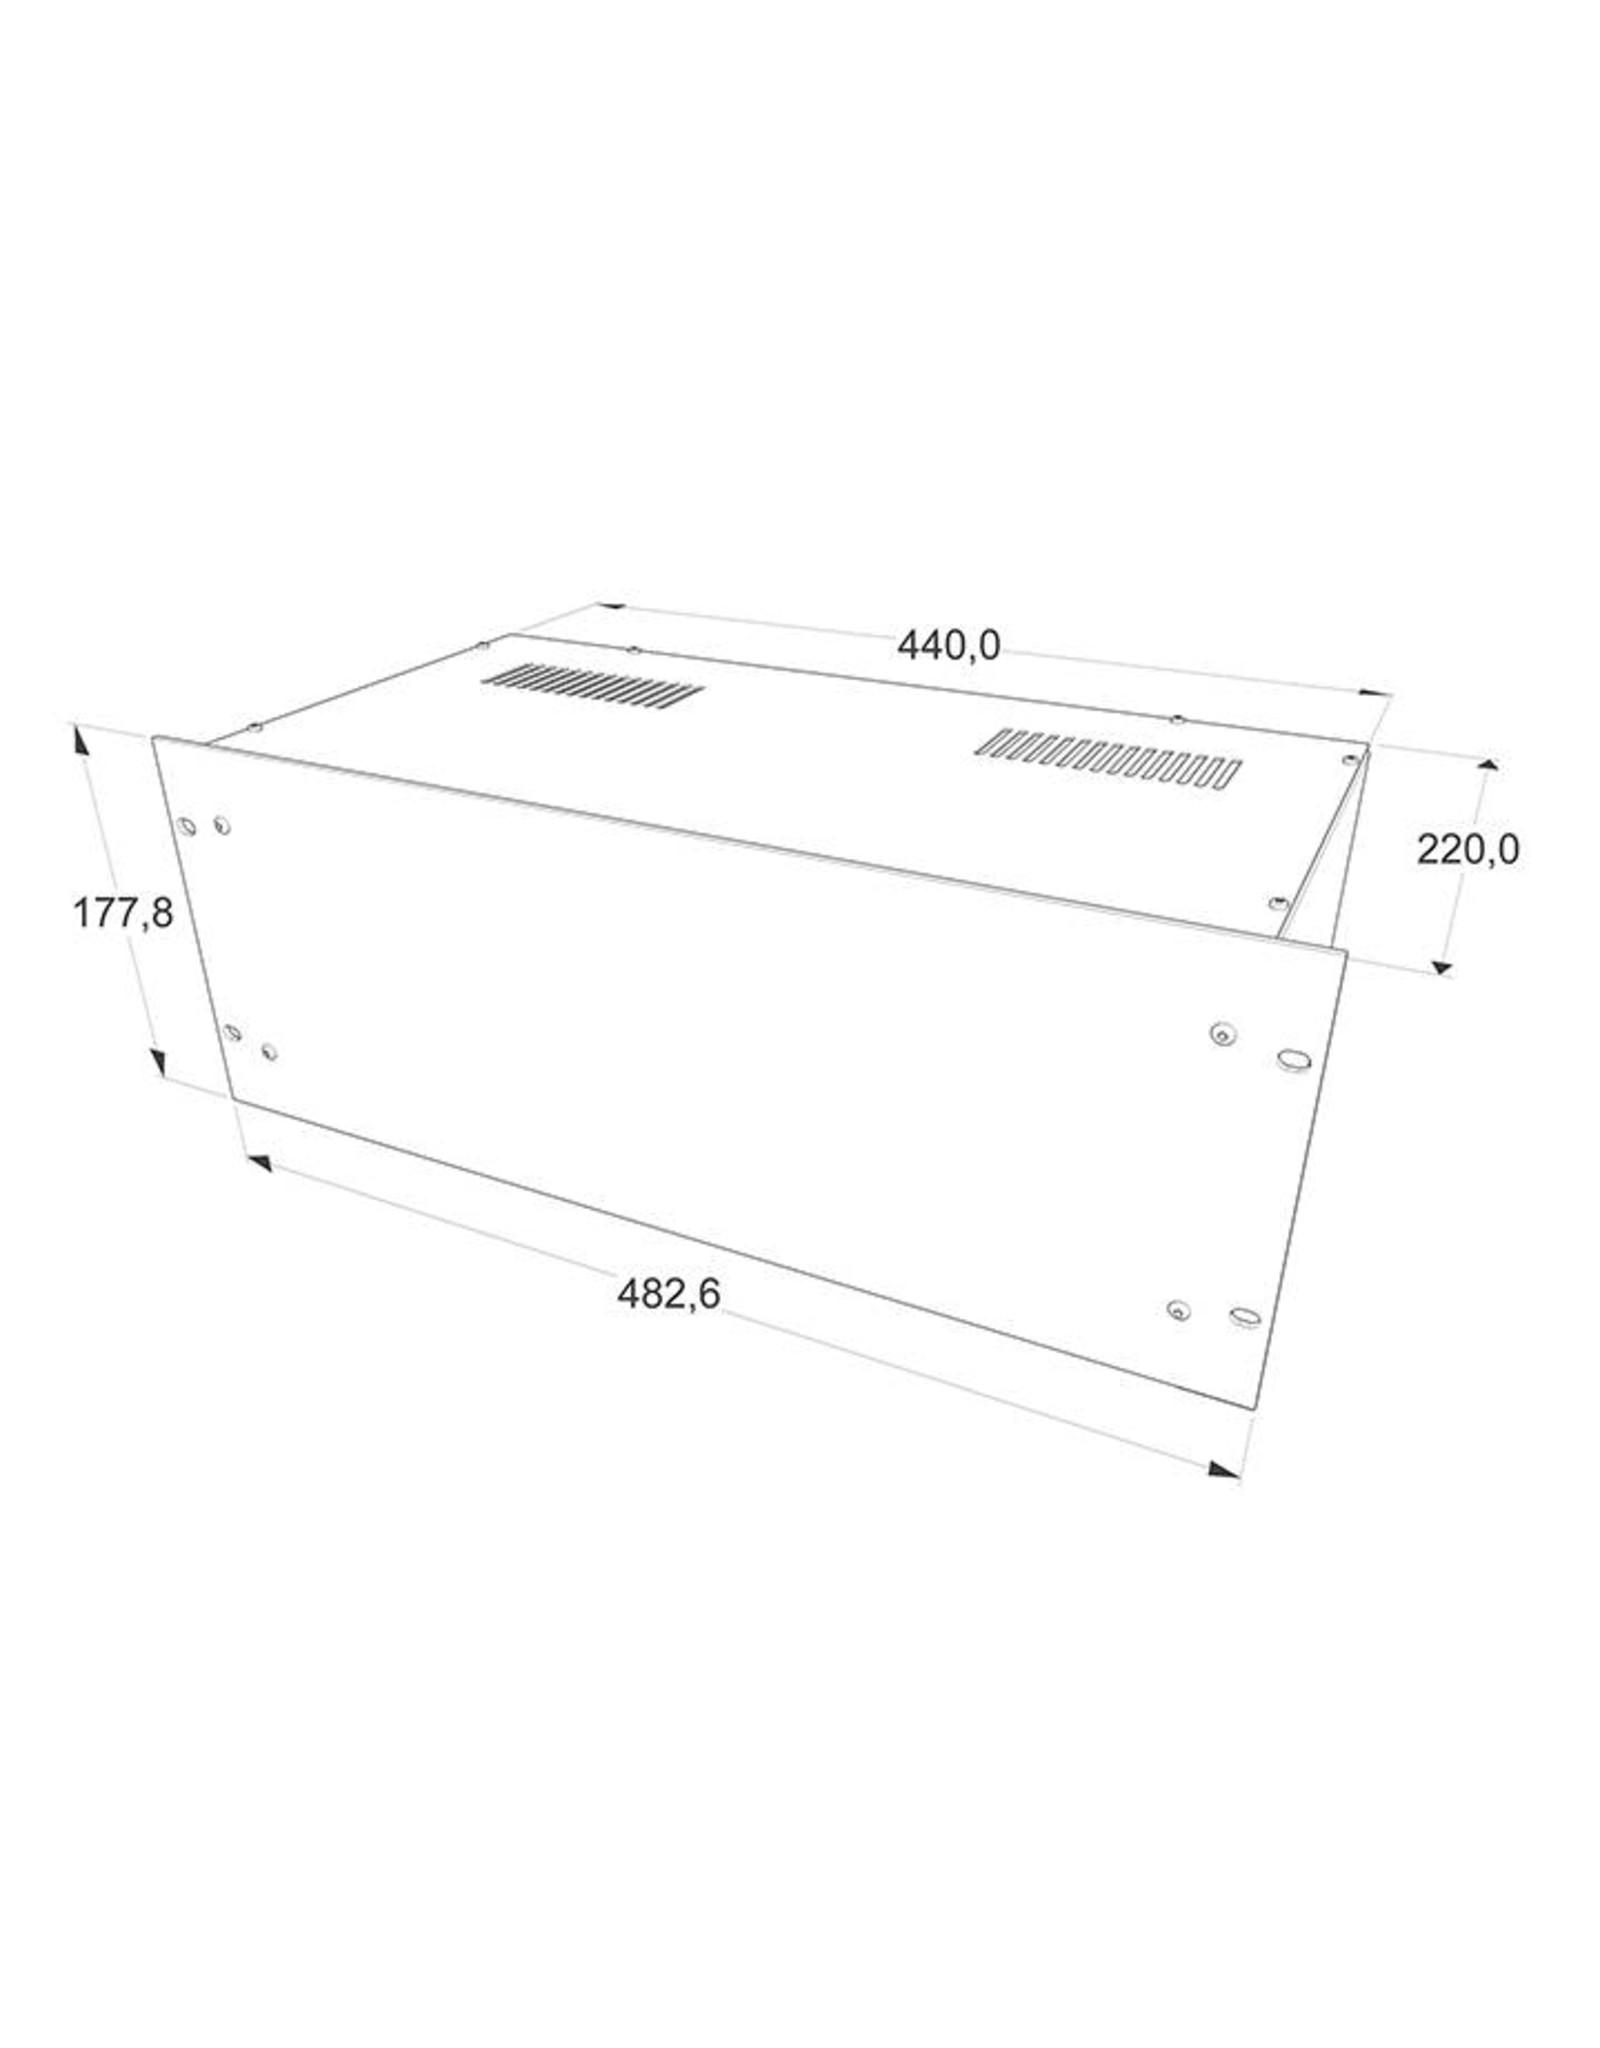 Penn Elcom Penn Elcom 19 inch kast + frontplaat, 4 HE, 220 mm diep